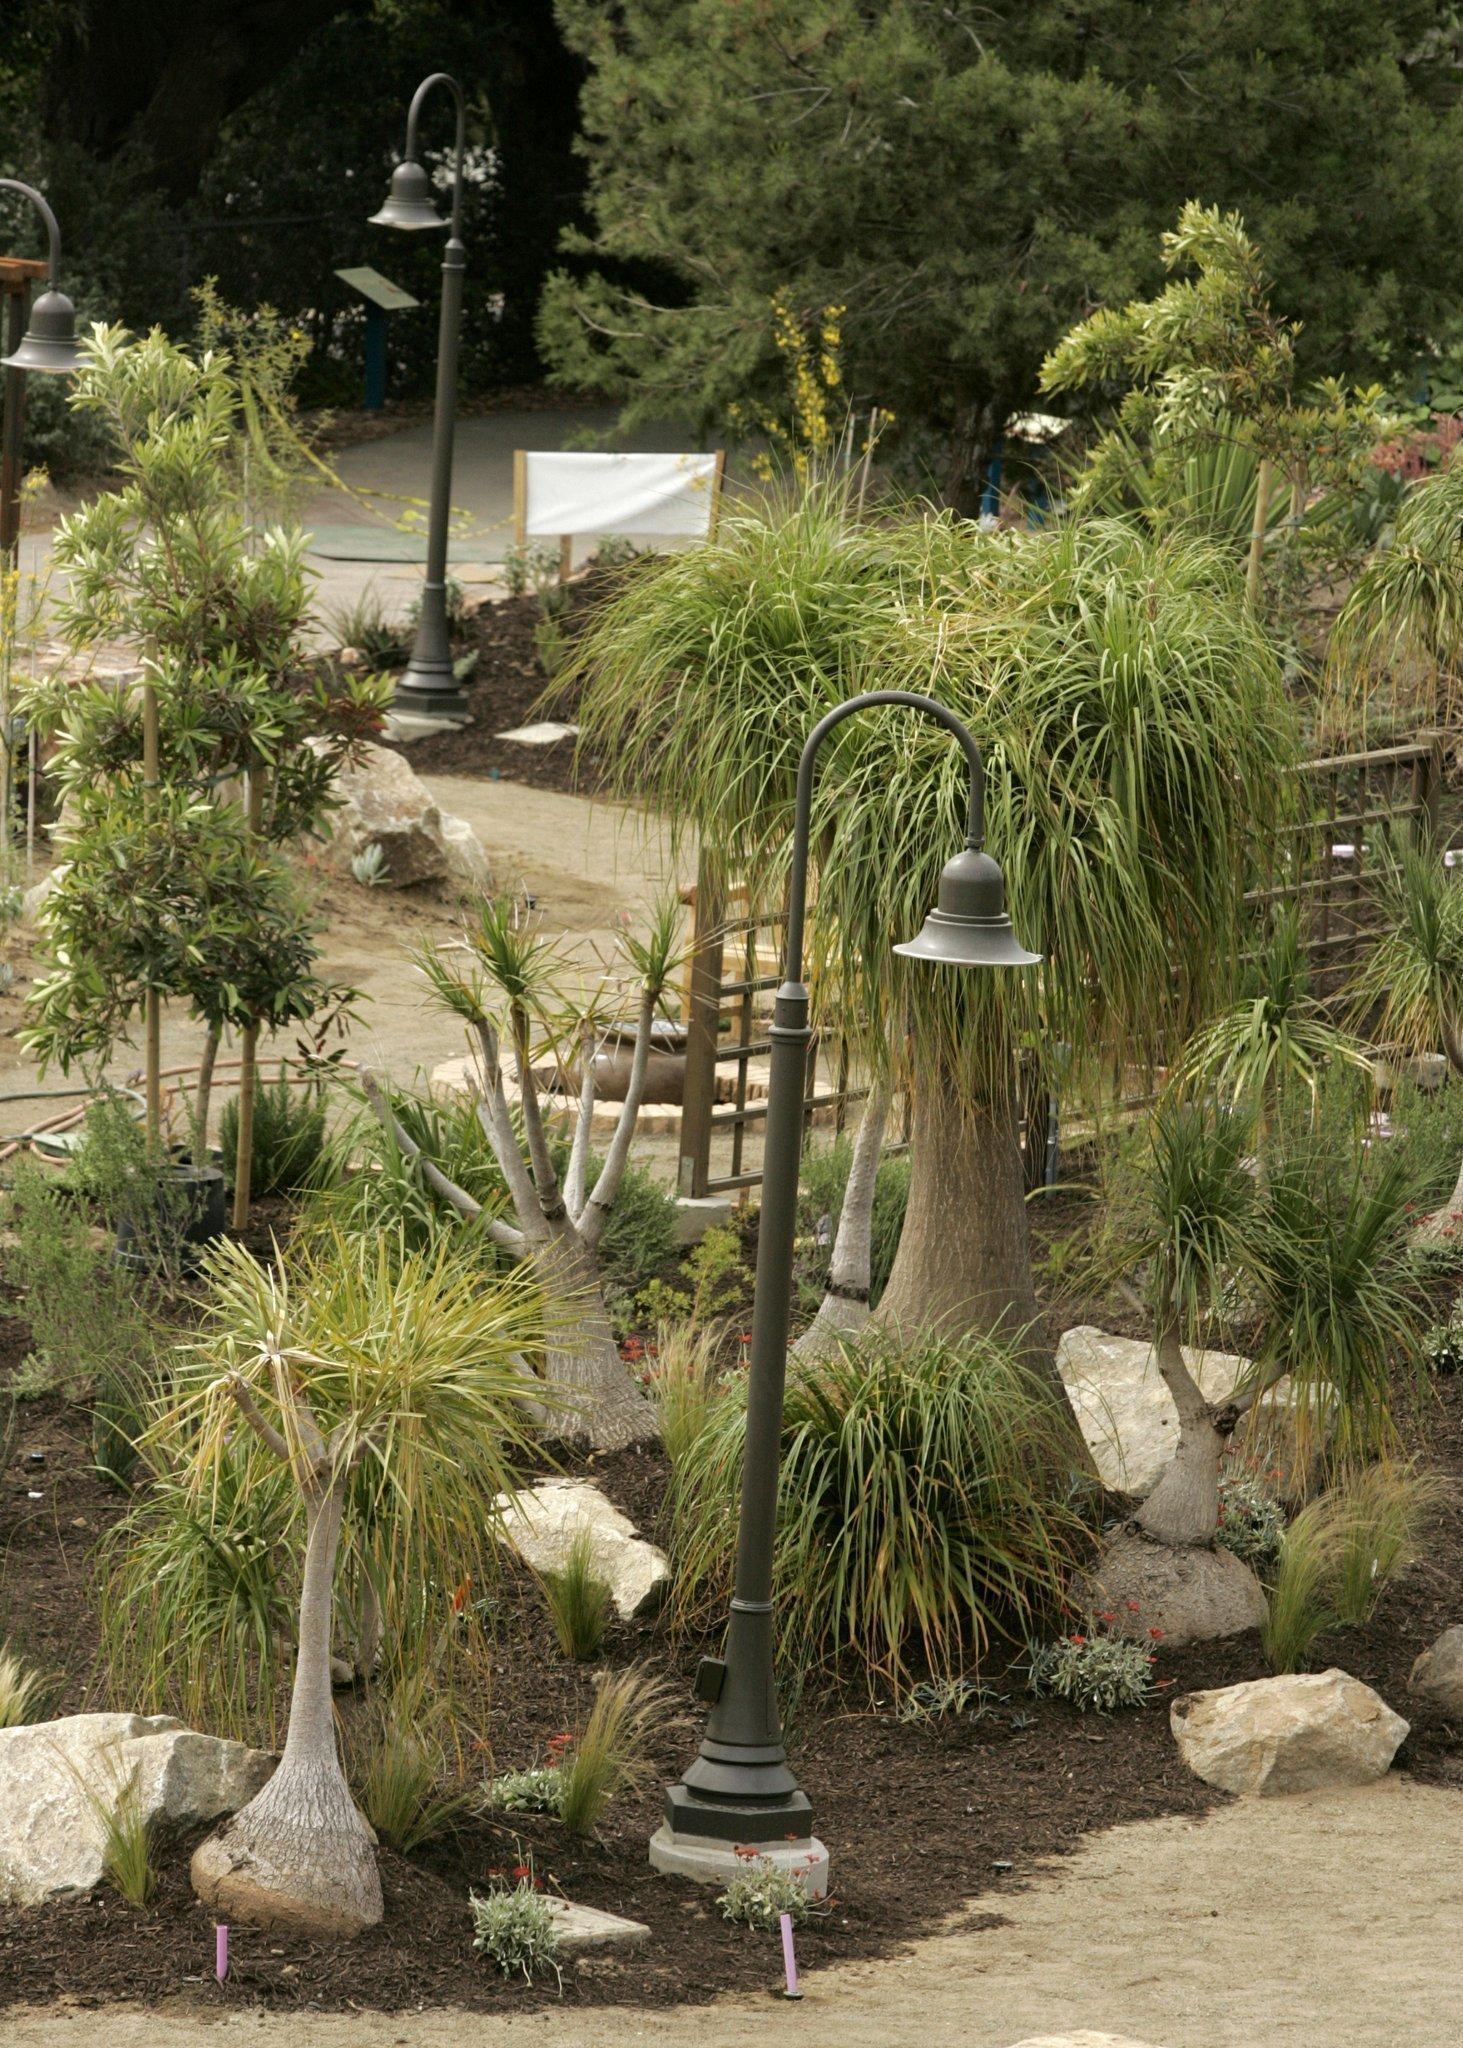 Quail to mark new name with a garden gala - The San Diego Union-Tribune